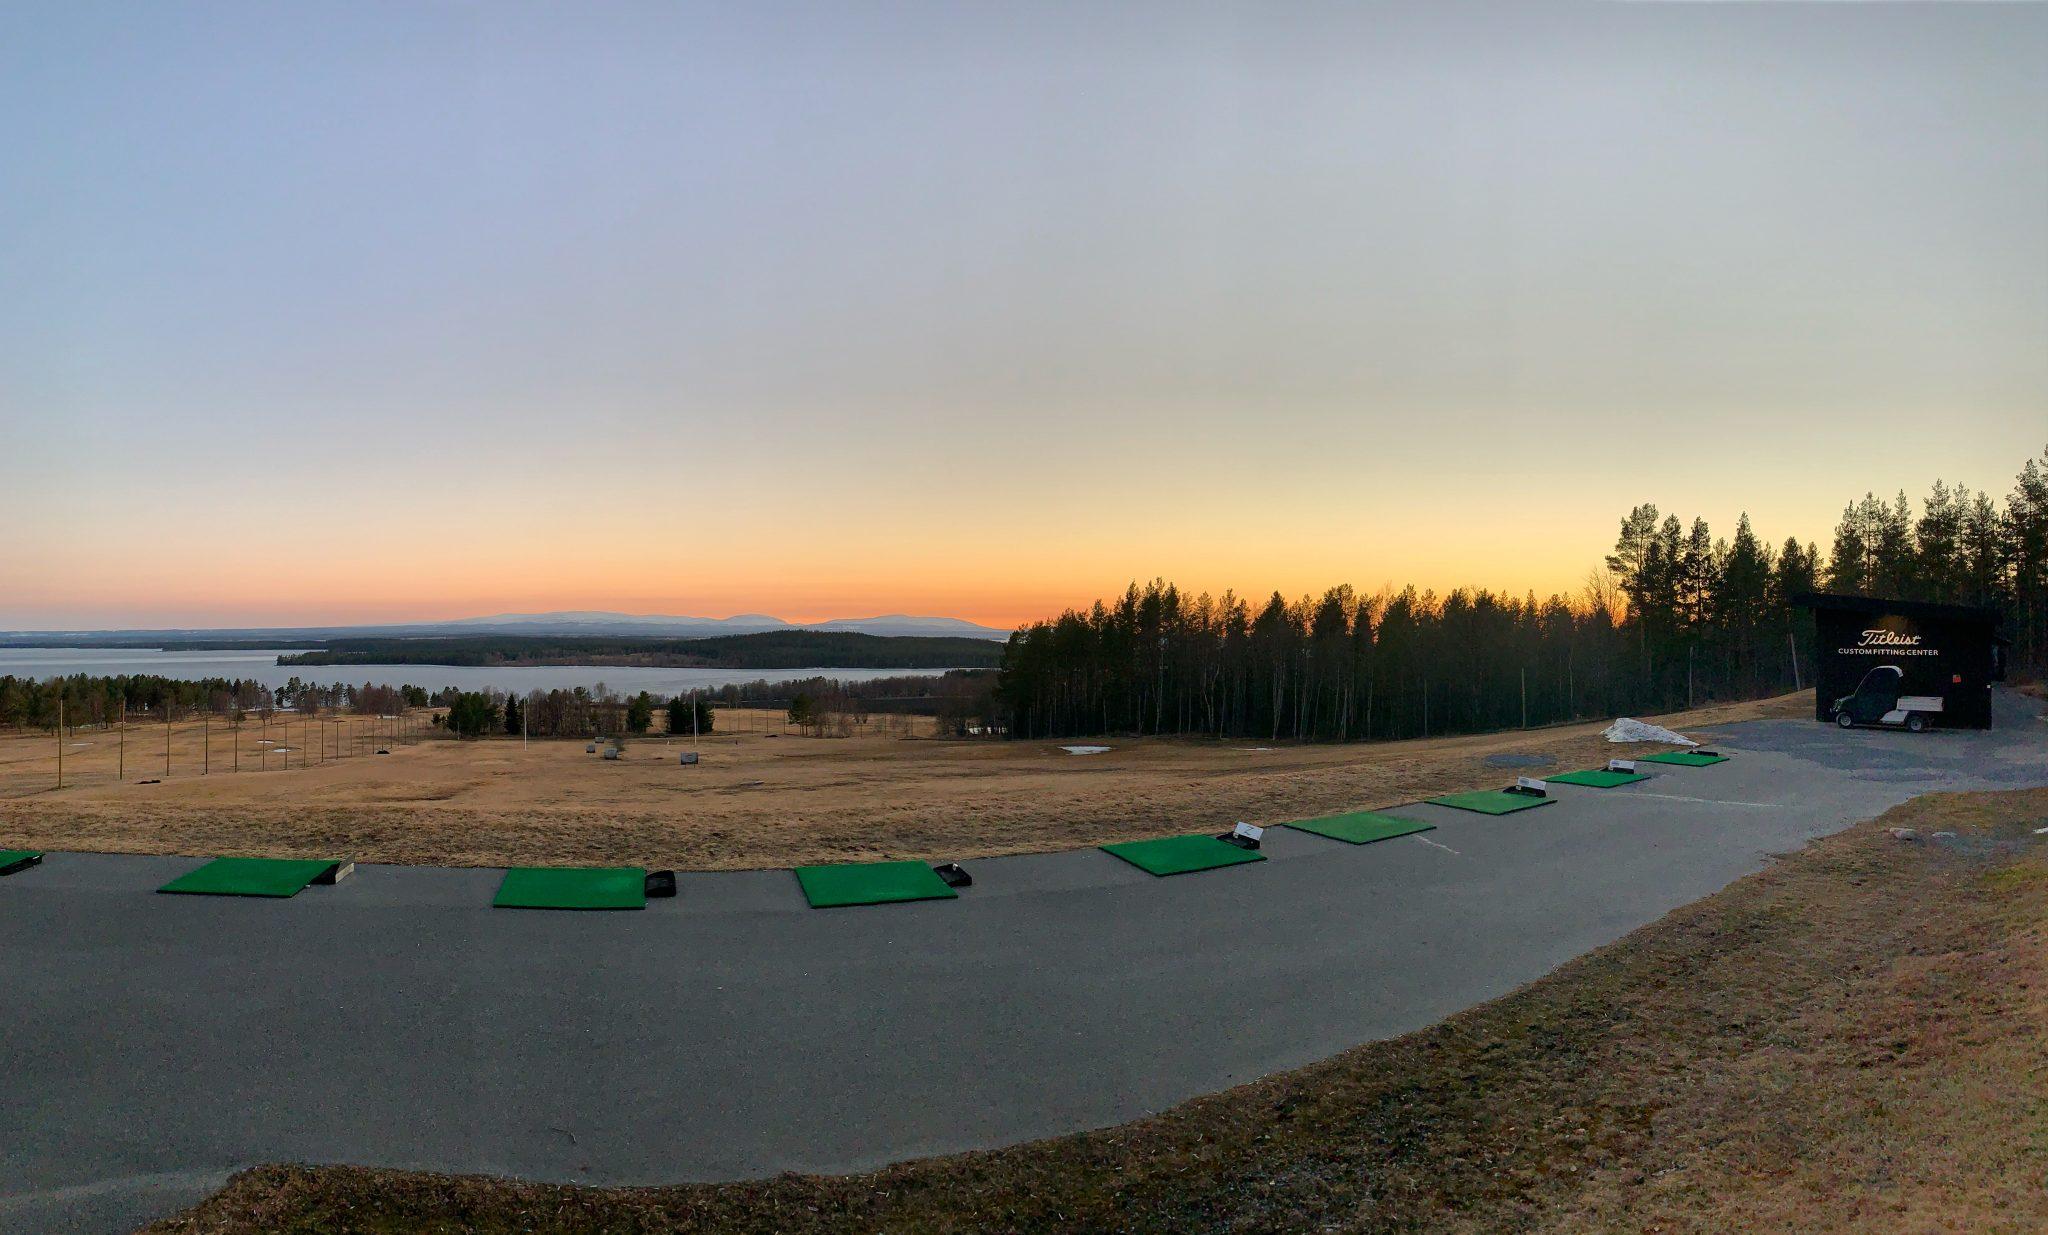 Kvällshimmel över drivingrangen på Östersund Frösö Golfklubb